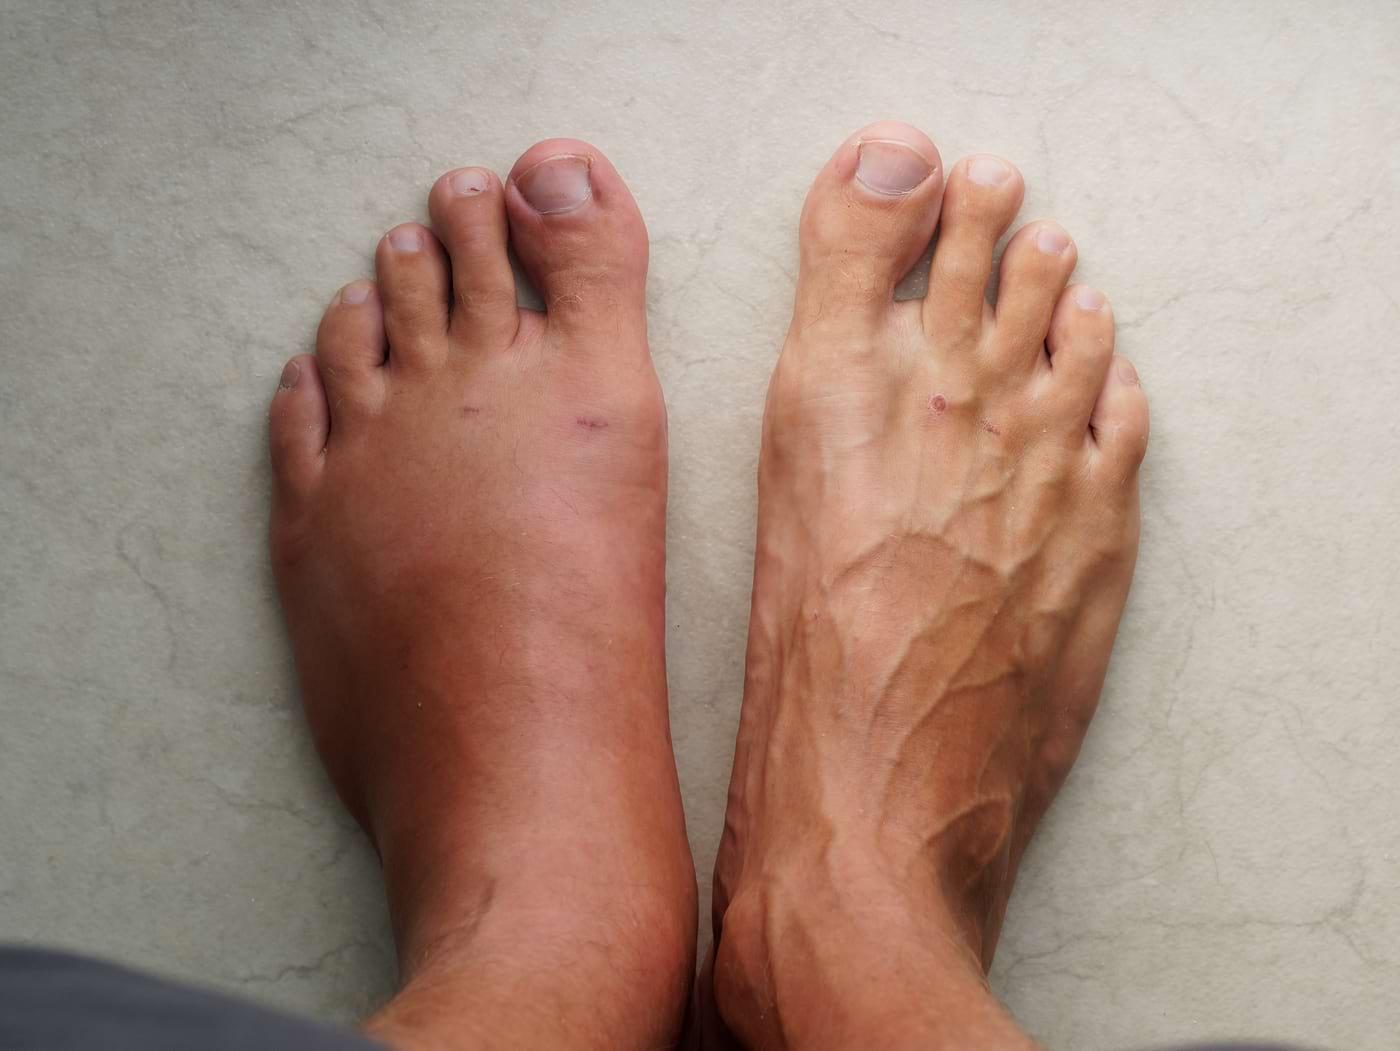 Ce înseamnă când ți se umflă doar un picior?